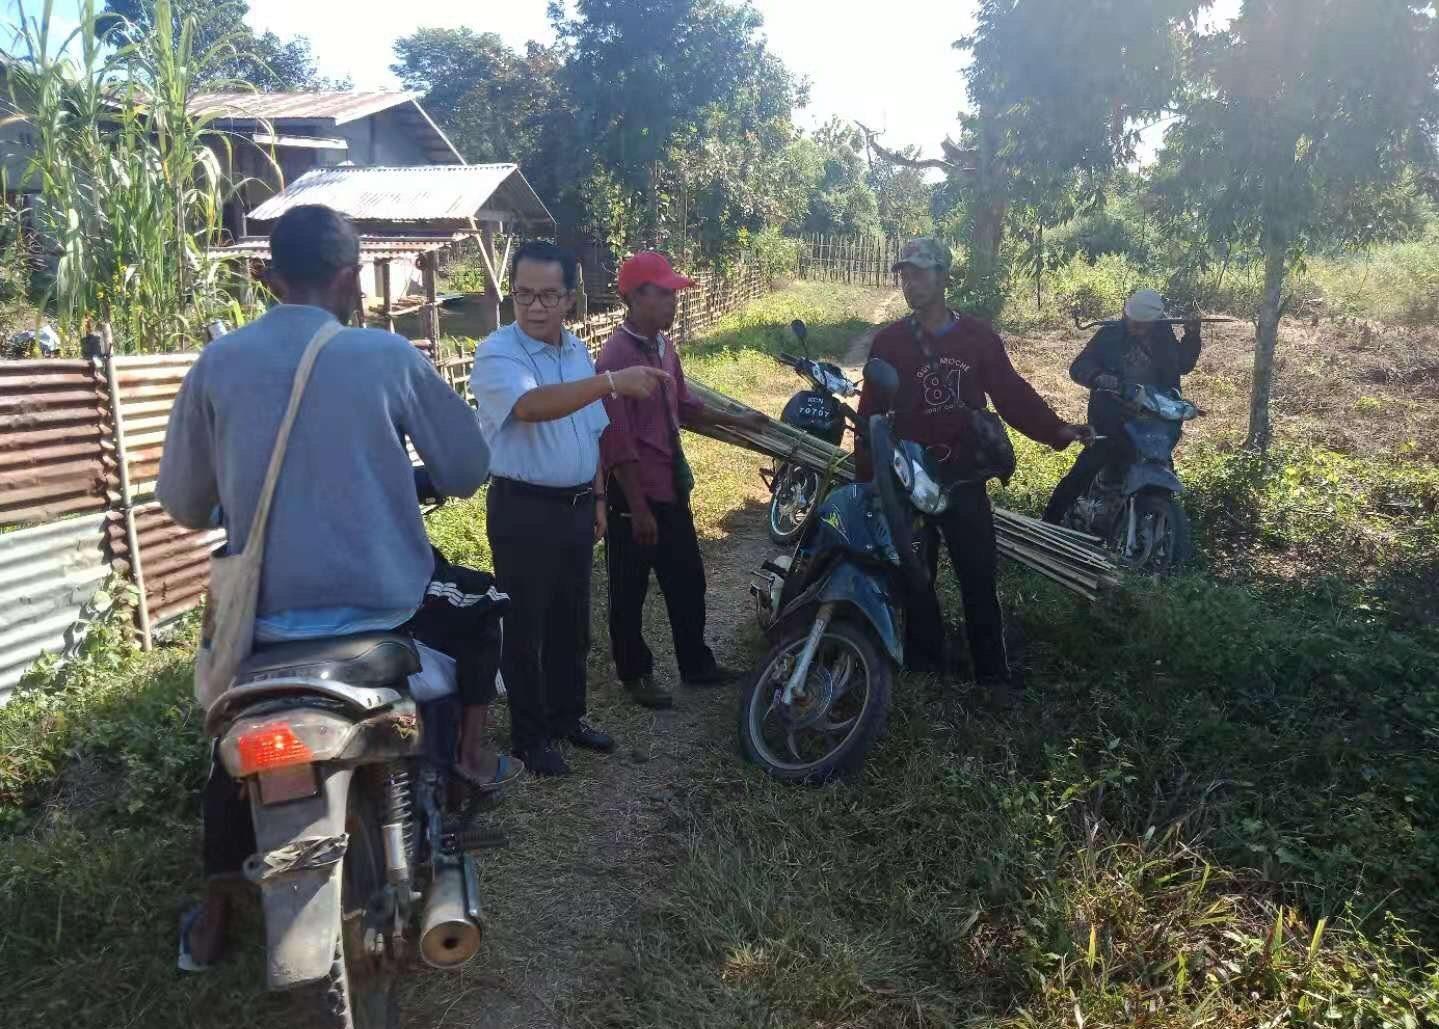 နမ်ဆန်ယန် ကျေးရွာအနီး တိုက်ပွဲဖြစ်ပွားခဲ့မှု ငြိမ်းချမ်းရေးကော်မရှင်သို့ တိုင်ကြားထား